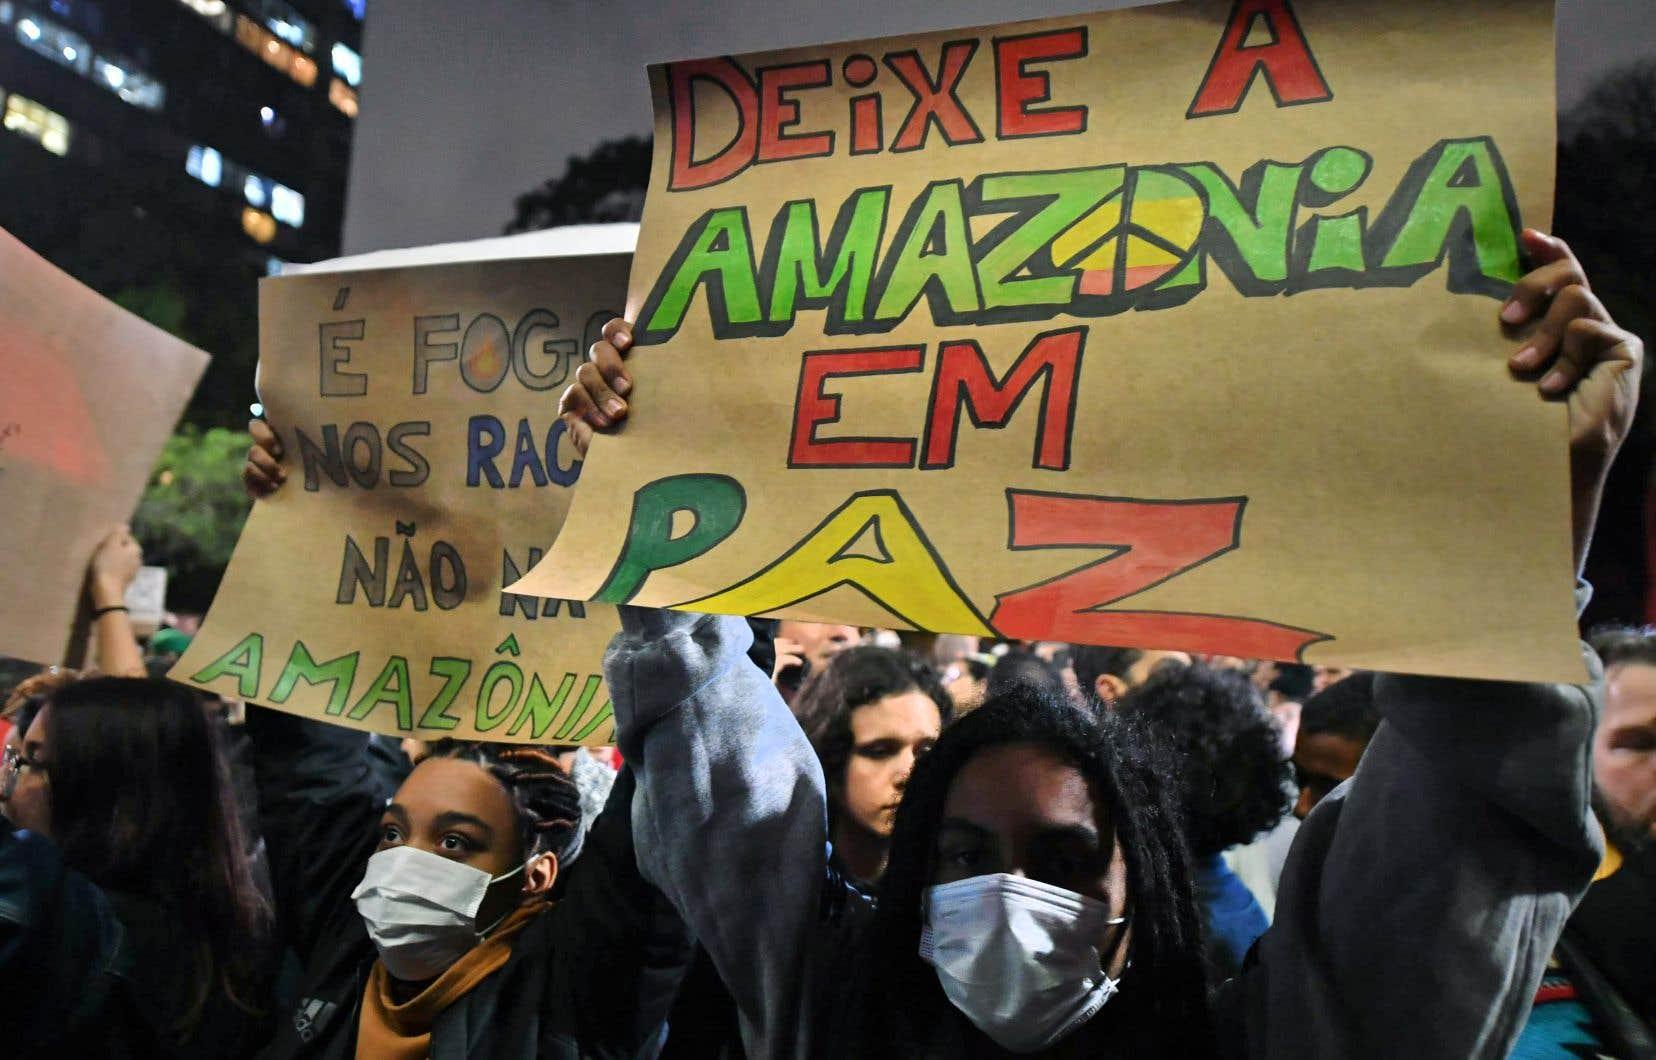 Des manifestations en défense de l'Amazonie se déroulaient en fin de journée à São Paulo et Rio de Janeiro.